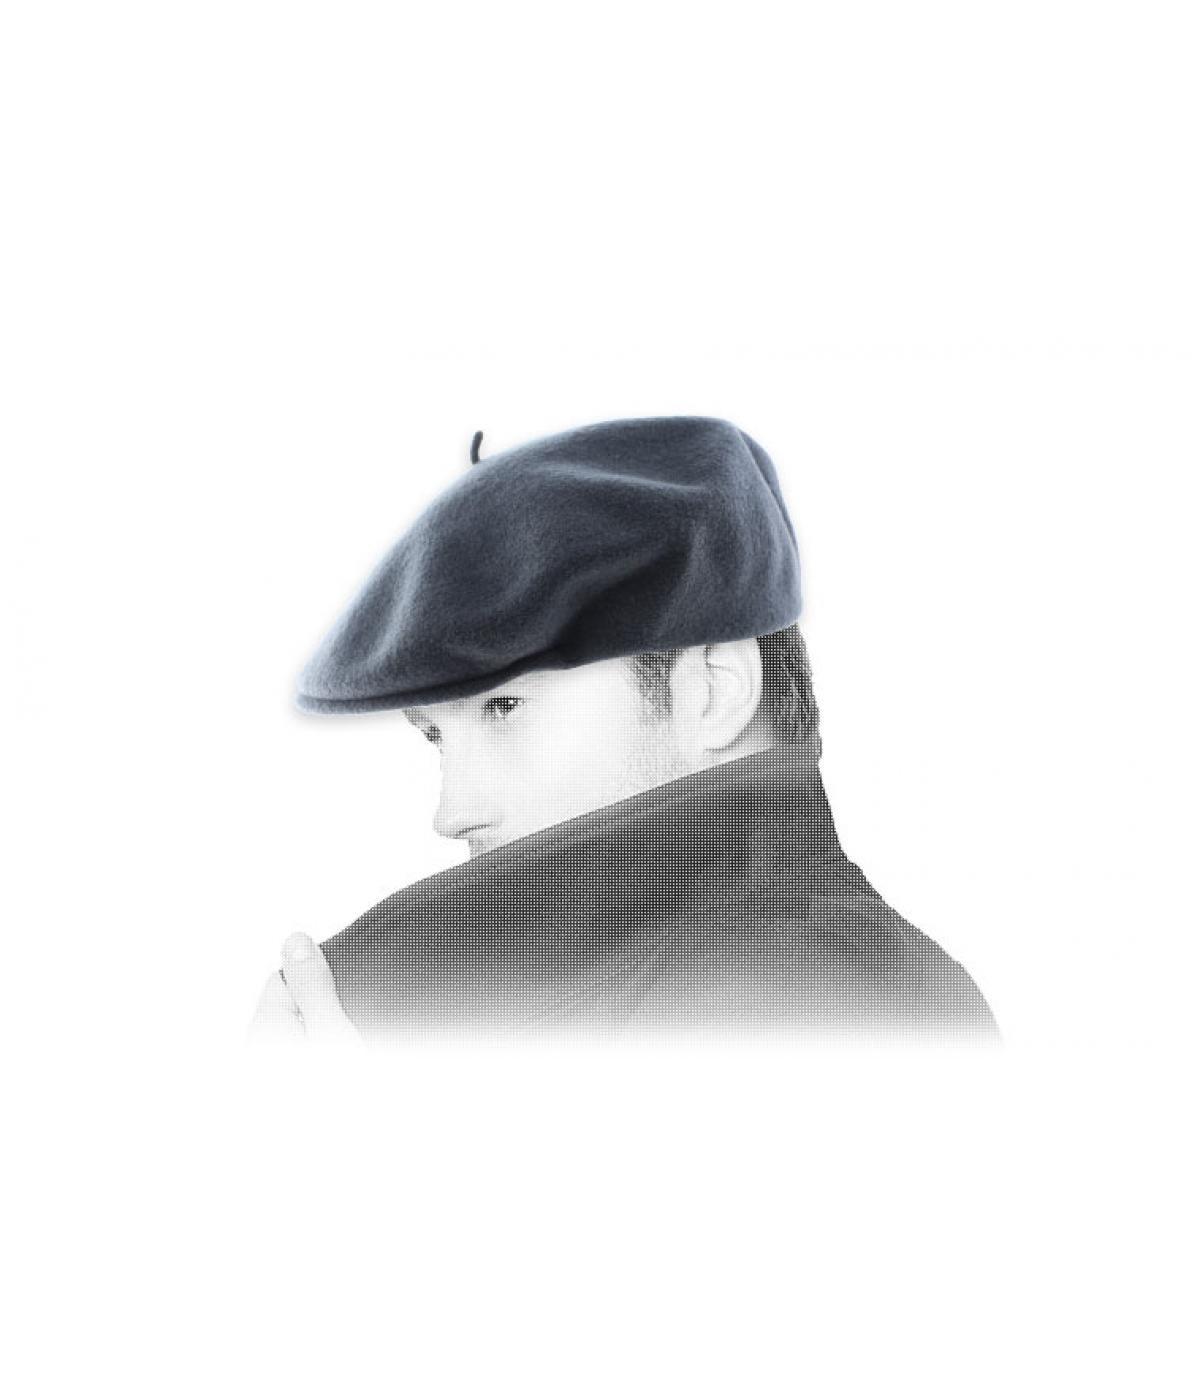 béret gris Laulhère